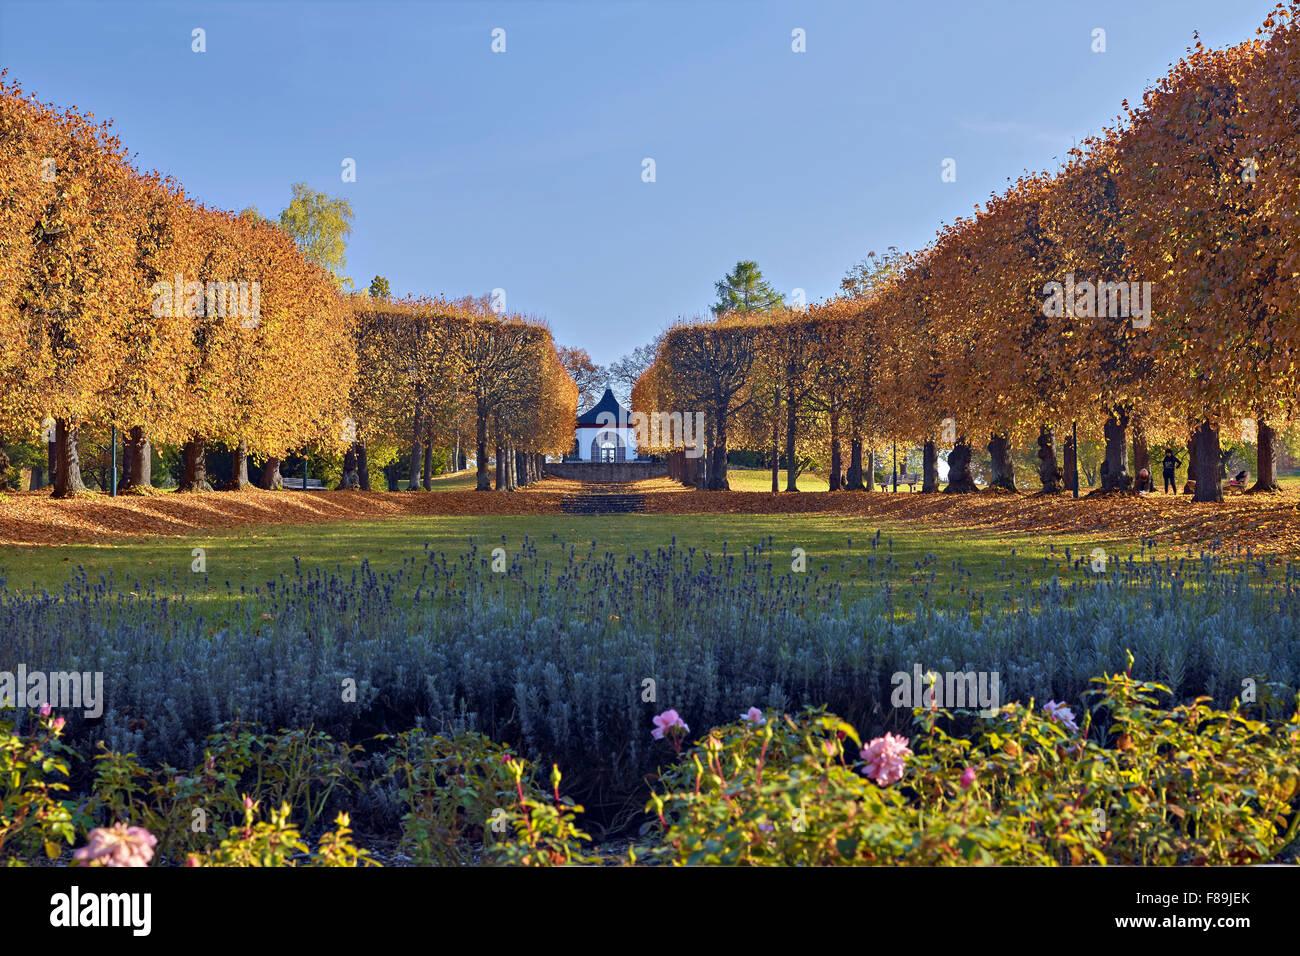 Park of Villa Bergfried, Saalfeld, Thuringia, Germany Stock Photo